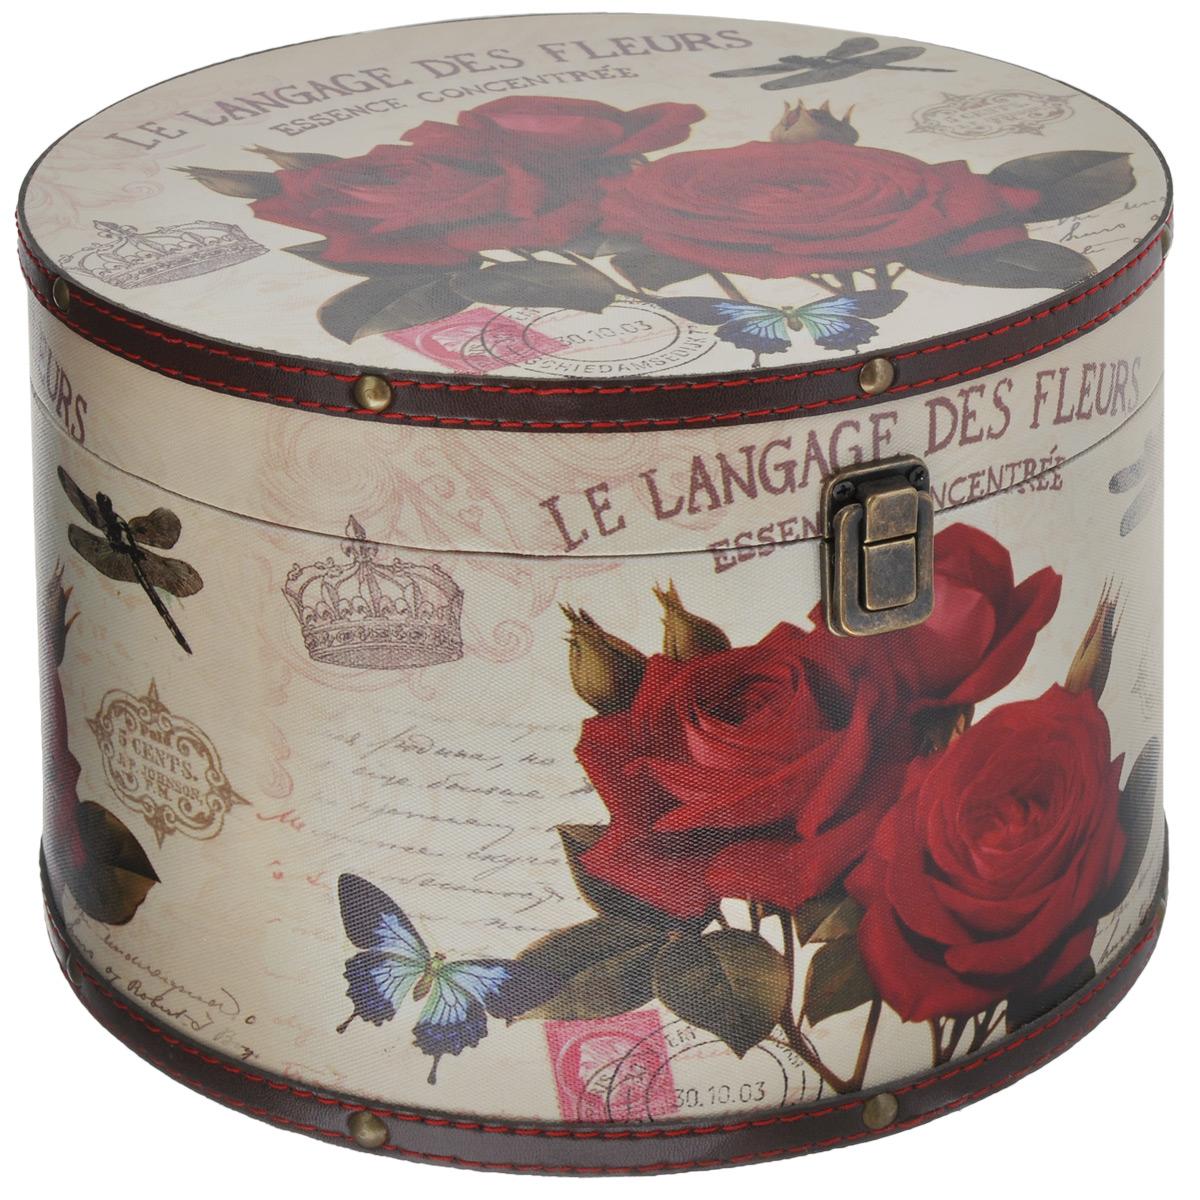 Шкатулка для рукоделия Розы, цвет: бежевый, красныйTL4073MКруглая шкатулка Розы изготовлена из МДФ, картона и холщовой ткани и оснащена крышкой. Изделие оформлено изображением цветов, бабочки и стрекозы. Крышка закрывается на металлический замок-защелку. Внутри шкатулка обтянута тканью коричневого цвета. Изящная шкатулка с ярким дизайном предназначена для хранения мелочей, принадлежностей для шитья и творчества и других аксессуаров. Она красиво оформит интерьер комнаты и поможет хранить ваши вещи в порядке.